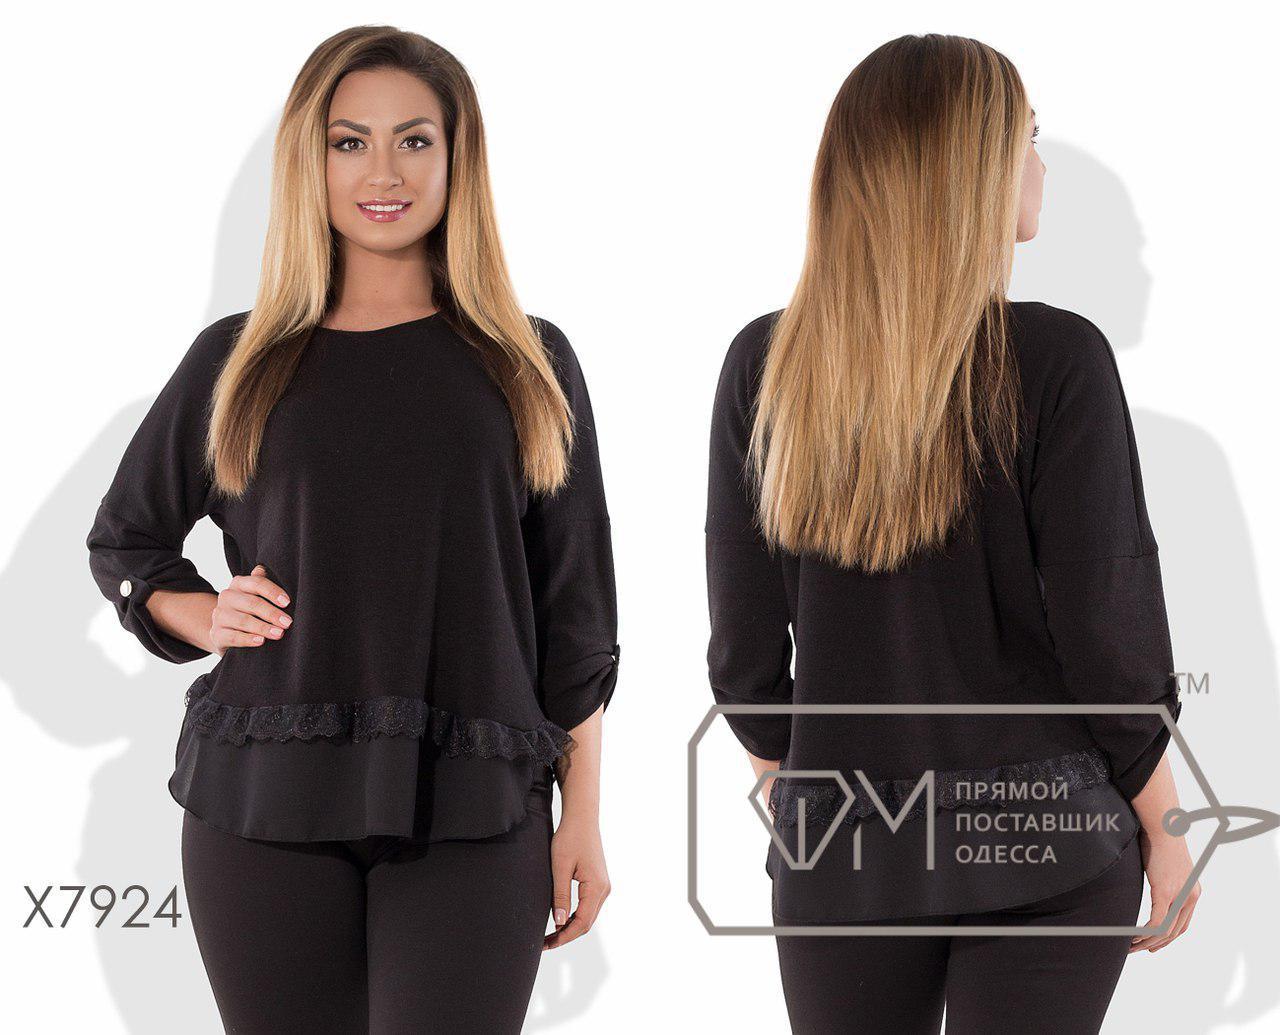 Женская блуза из ангоры с шифоном в больших размерах fmx7924